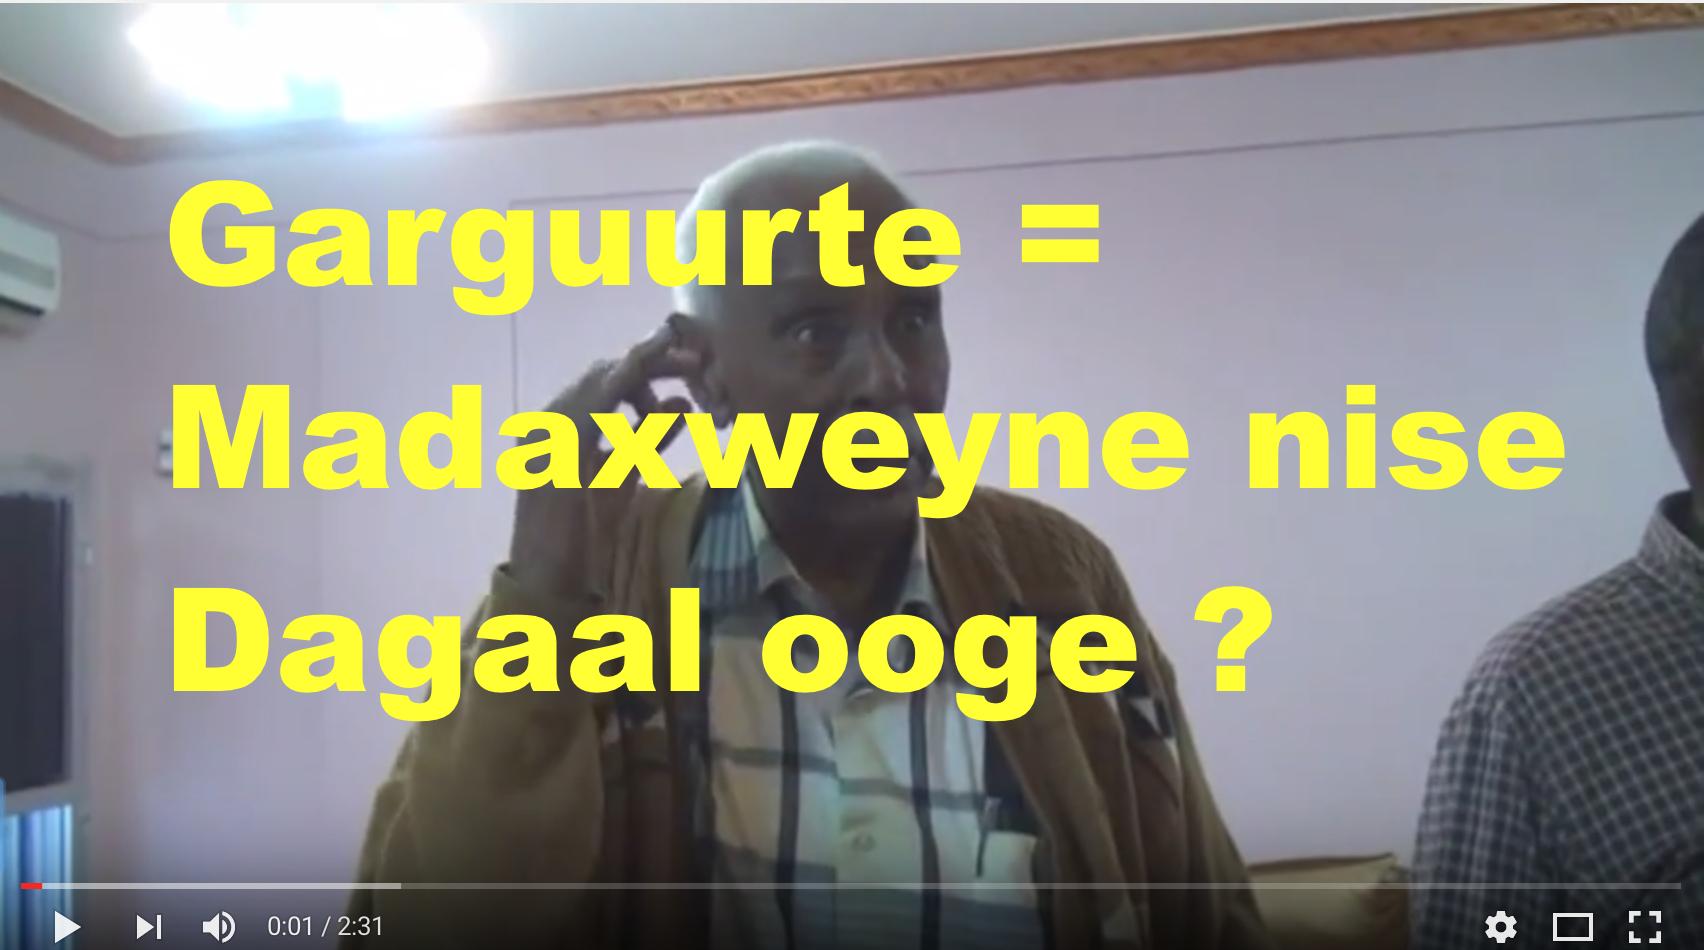 Daawo siyaasi caana oo Madaxweyne Garguurte ku tilmaamay dagaal ooge kheeyru masuula ?